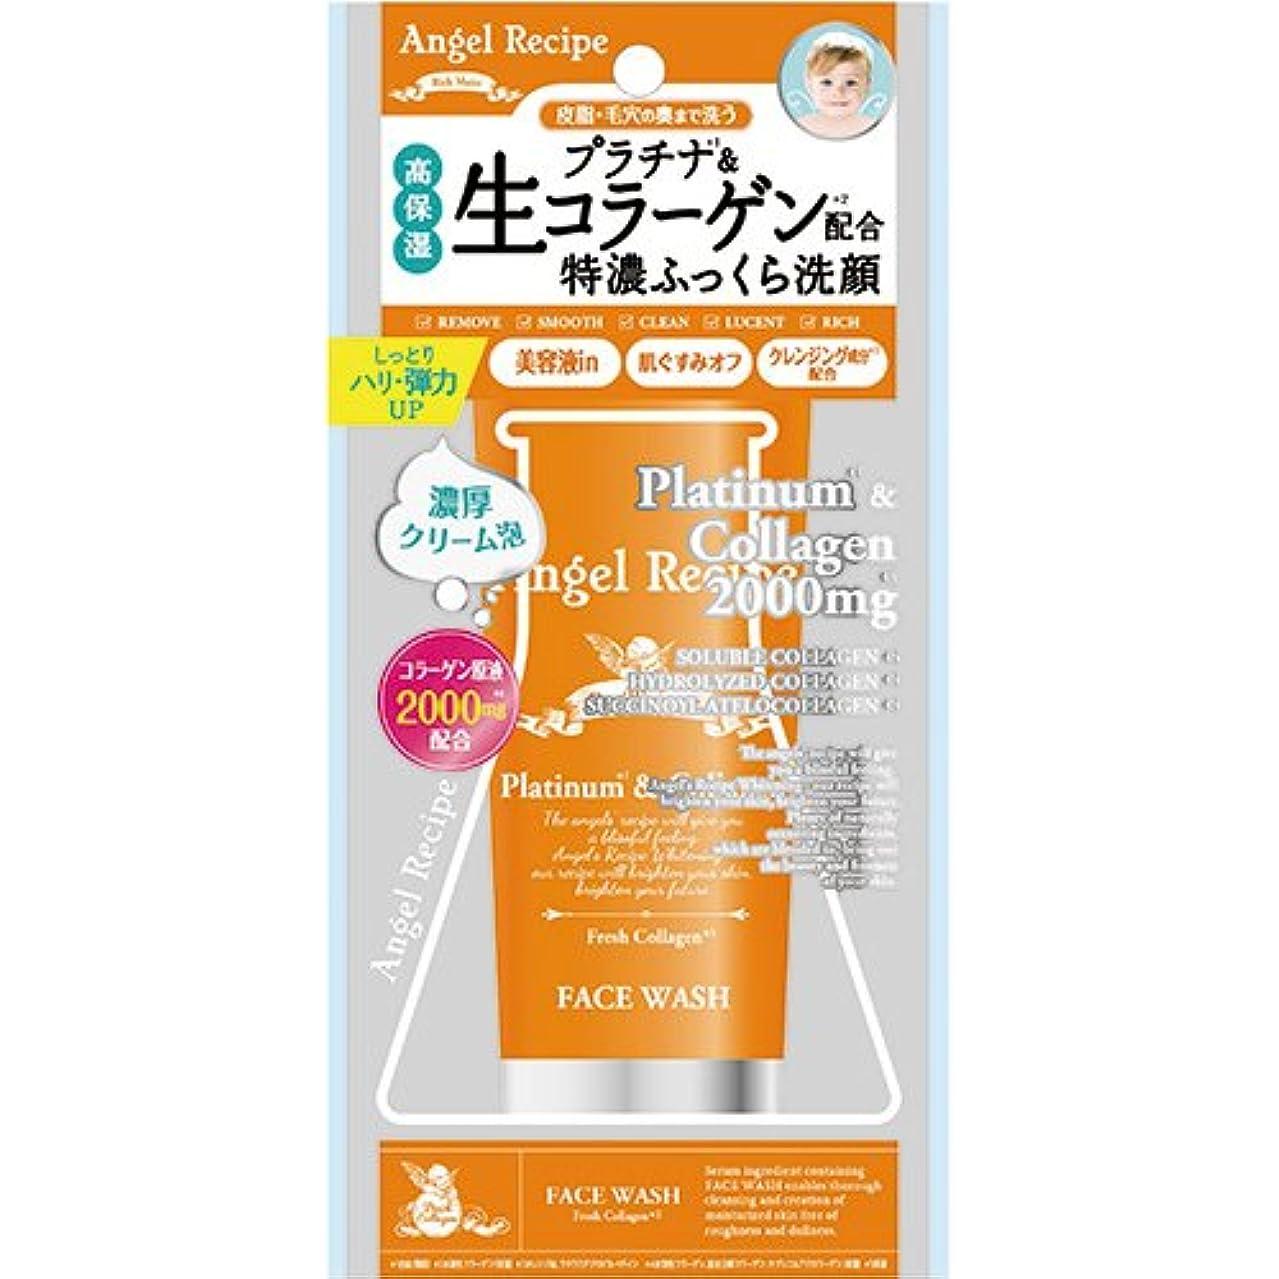 回るに慣れ圧縮されたAngelRecipe エンジェルレシピ リッチモイスト 洗顔フォーム 90g